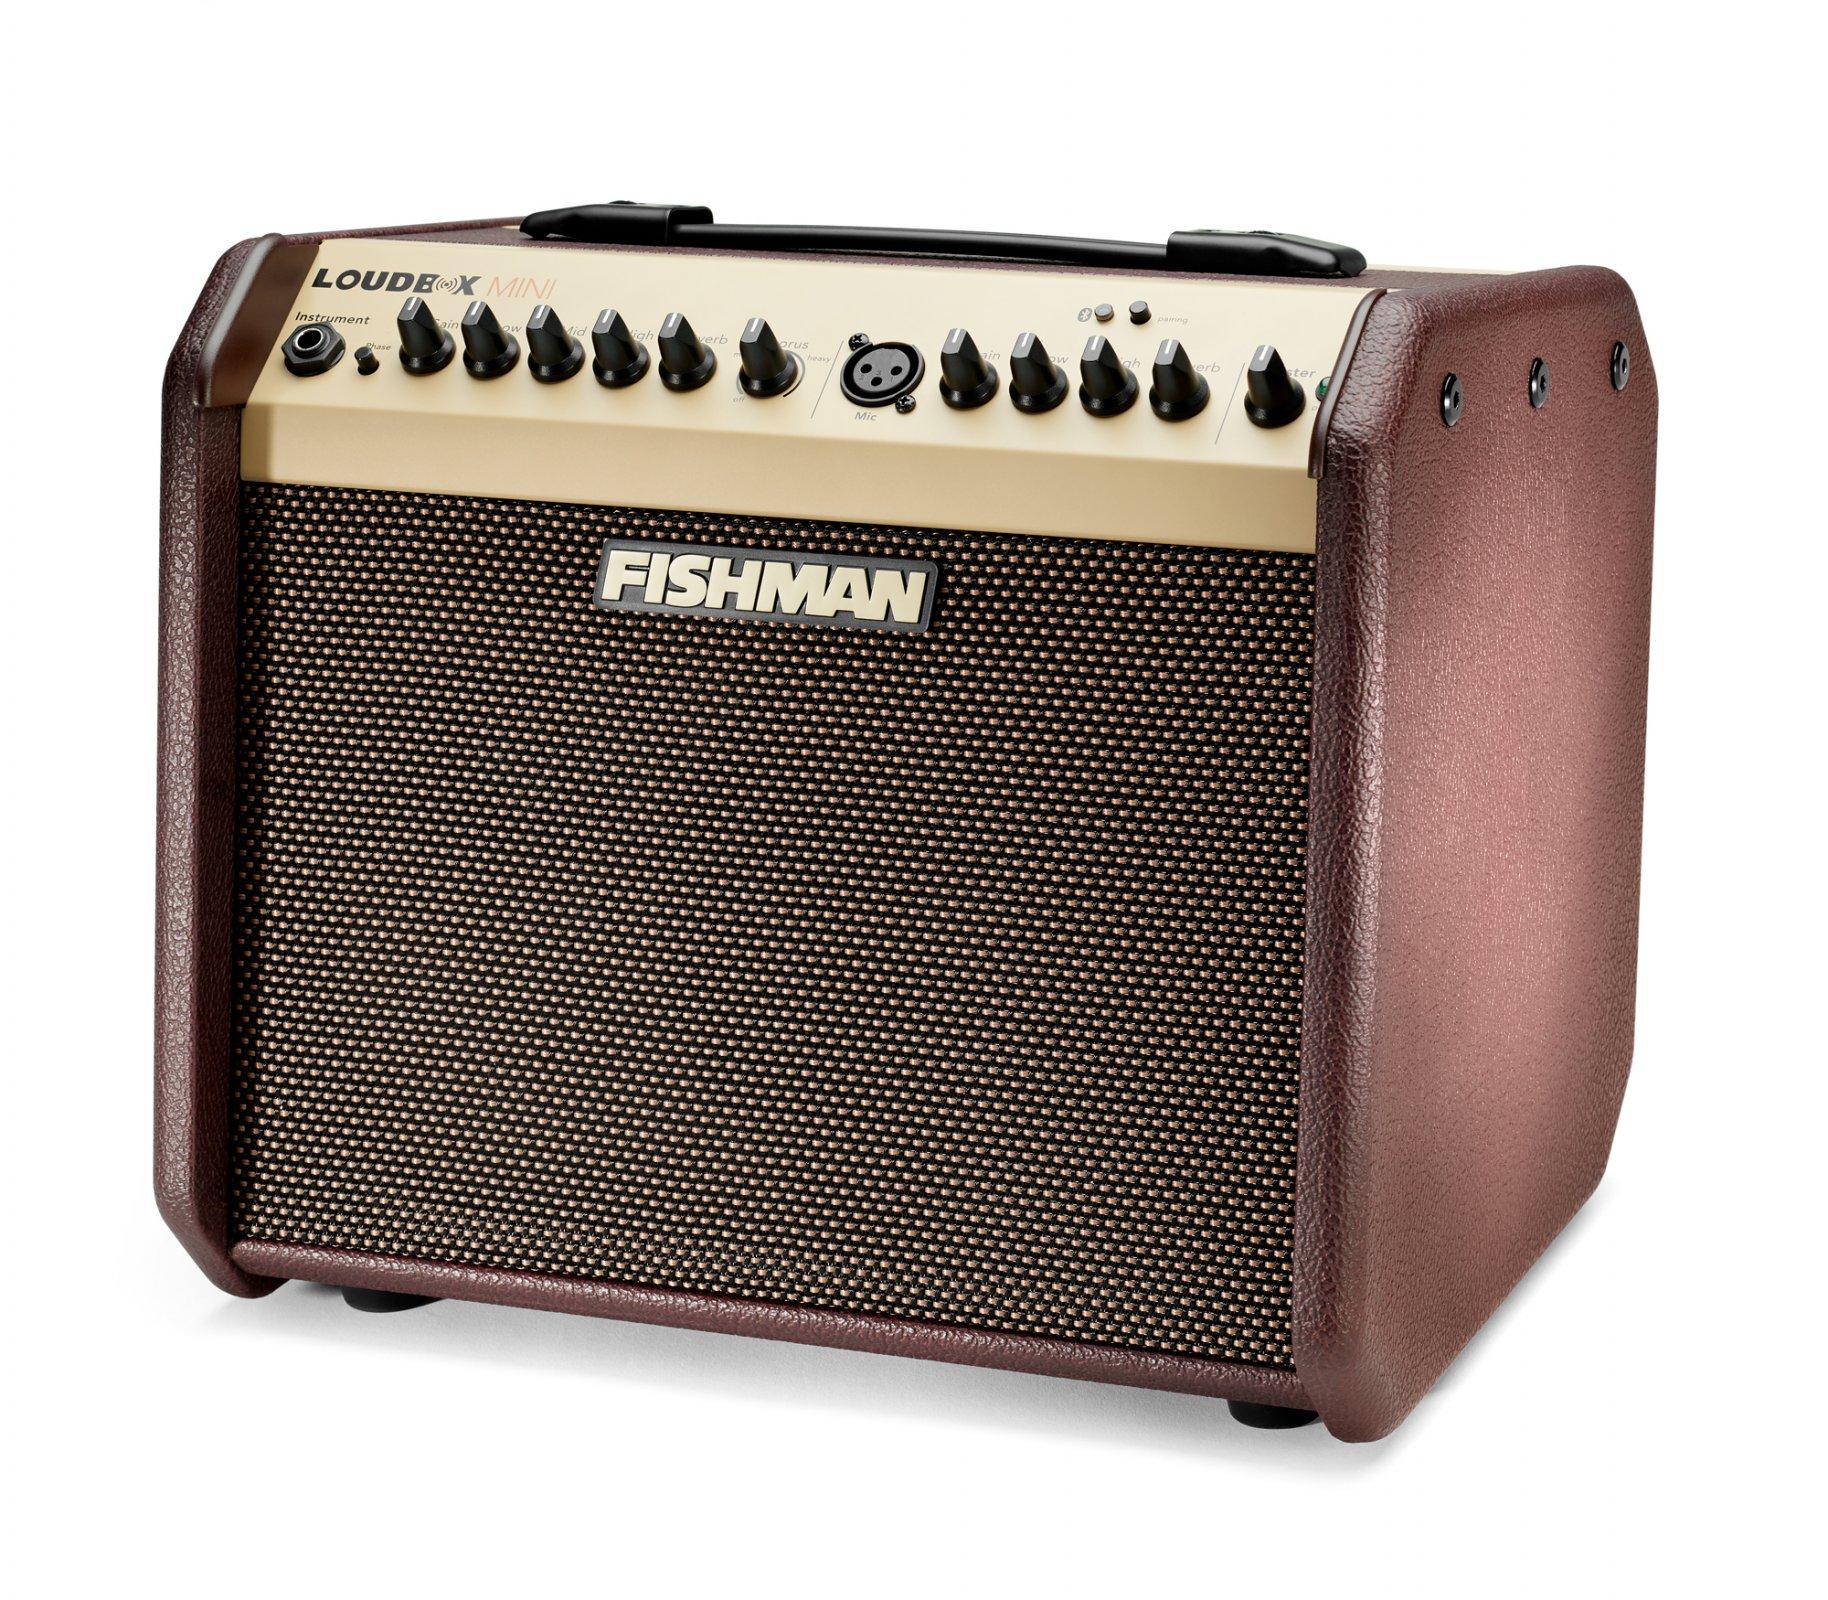 Fishman Loudbox Mini Bluetooth Amplifier